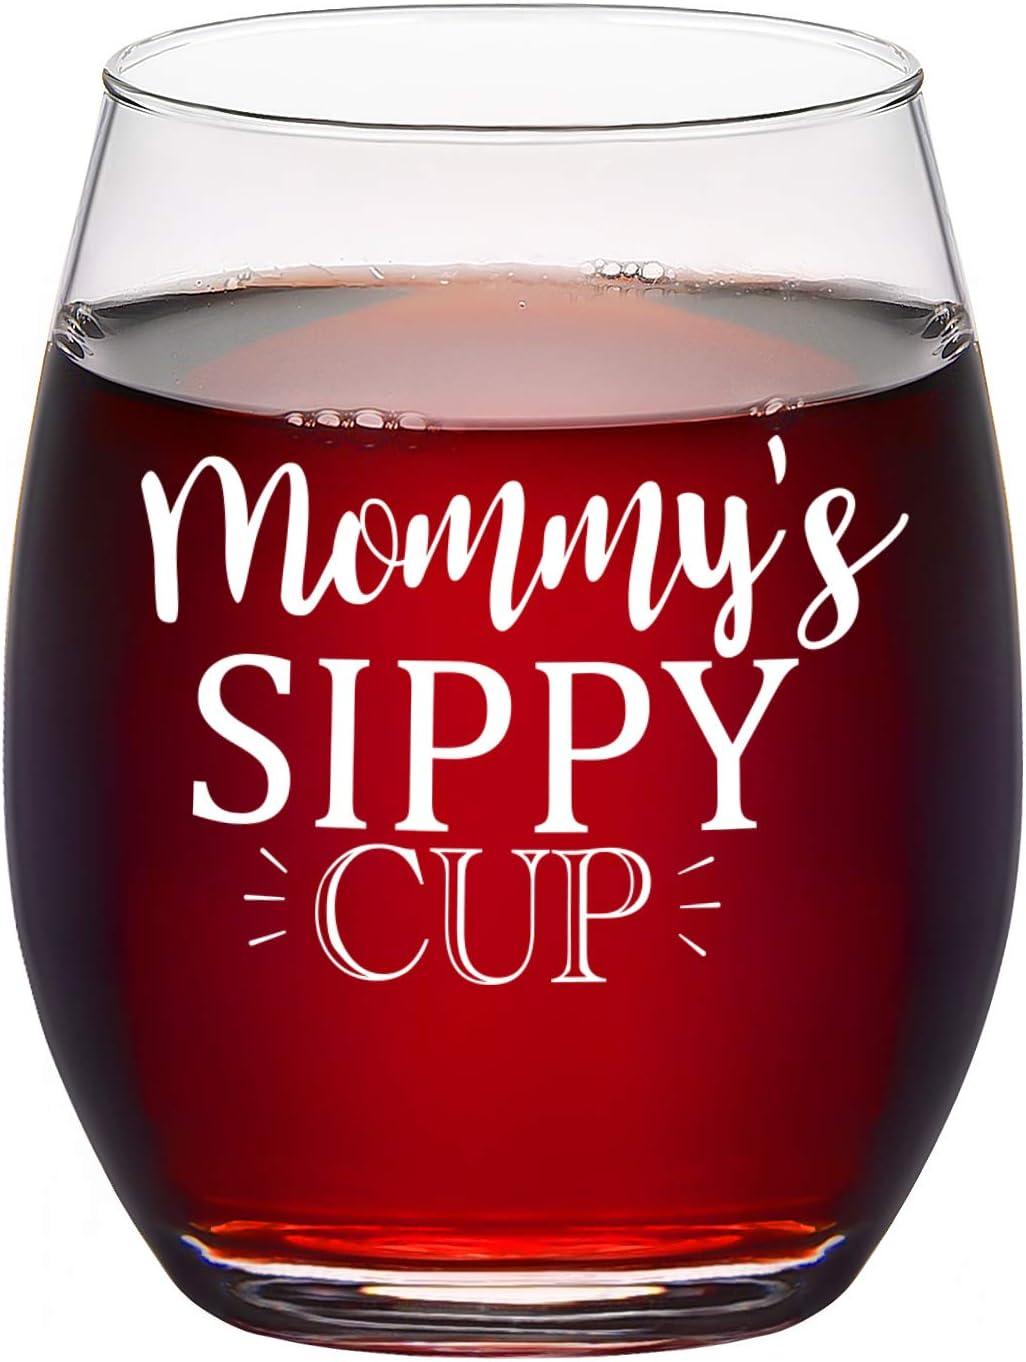 Copa de vino sin tallo para mamá, 15 onzas, el mejor regalo para el día de la madre, cumpleaños, Navidad, idea de regalo para mamá, mujer, nueva mamá, mamá embarazada